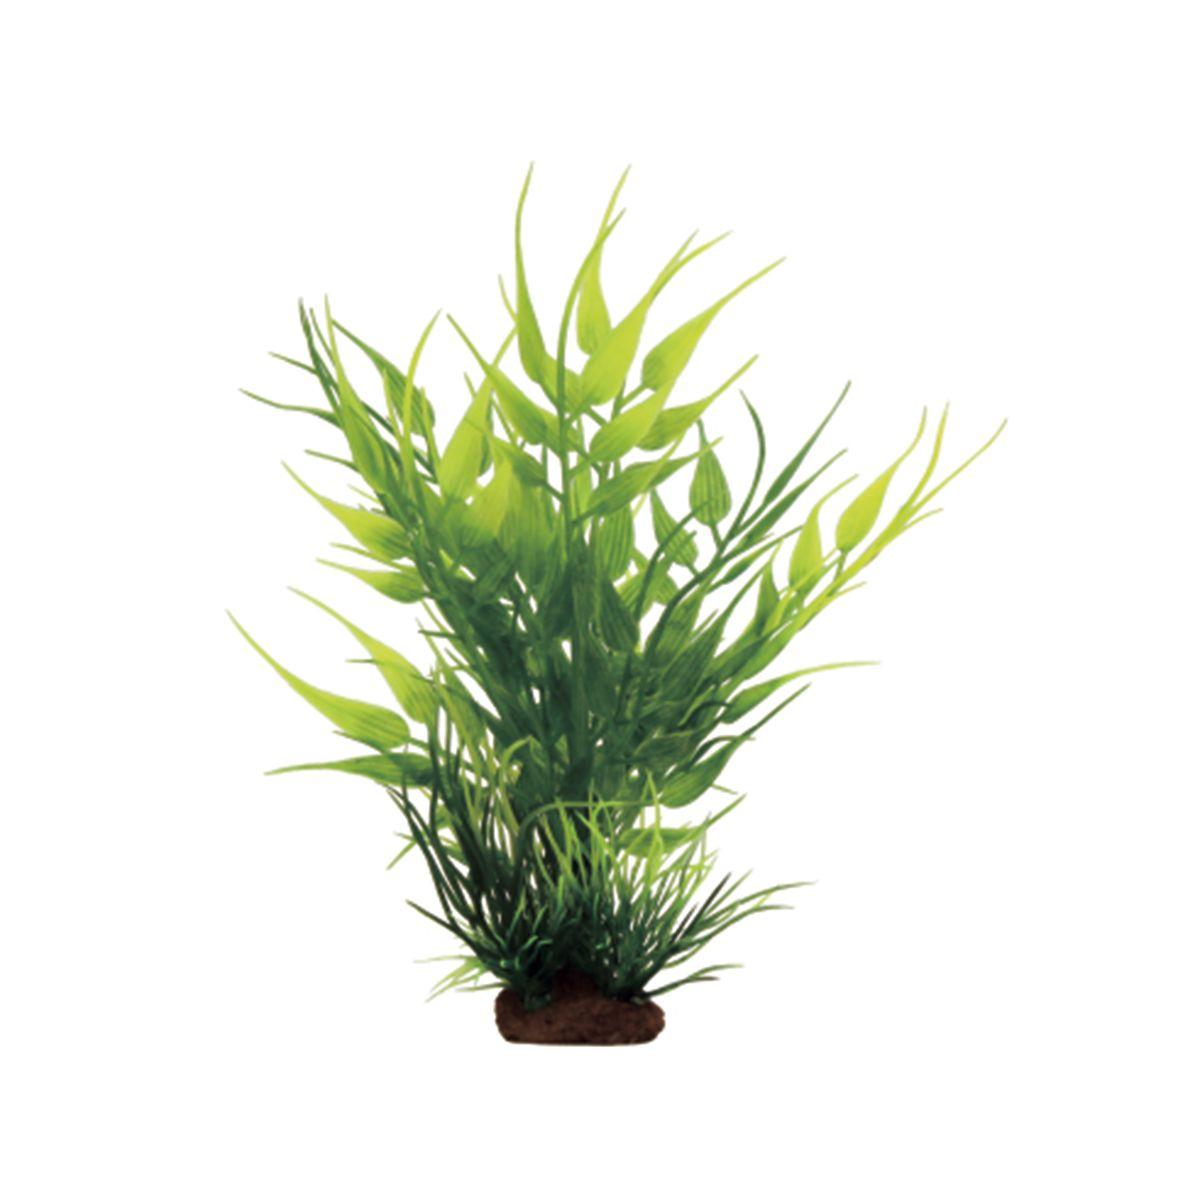 Растение для аквариума ArtUniq Бамбук, высота 10 см, 6 штART-1170531Композиция из искусственных растений ArtUniq превосходно украсит и оживит аквариум.Растения - это важная часть любой композиции, они помогут вдохнуть жизнь в ландшафт любого аквариума или террариума. А их сходствос природными порадует даже самых взыскательных ценителей.